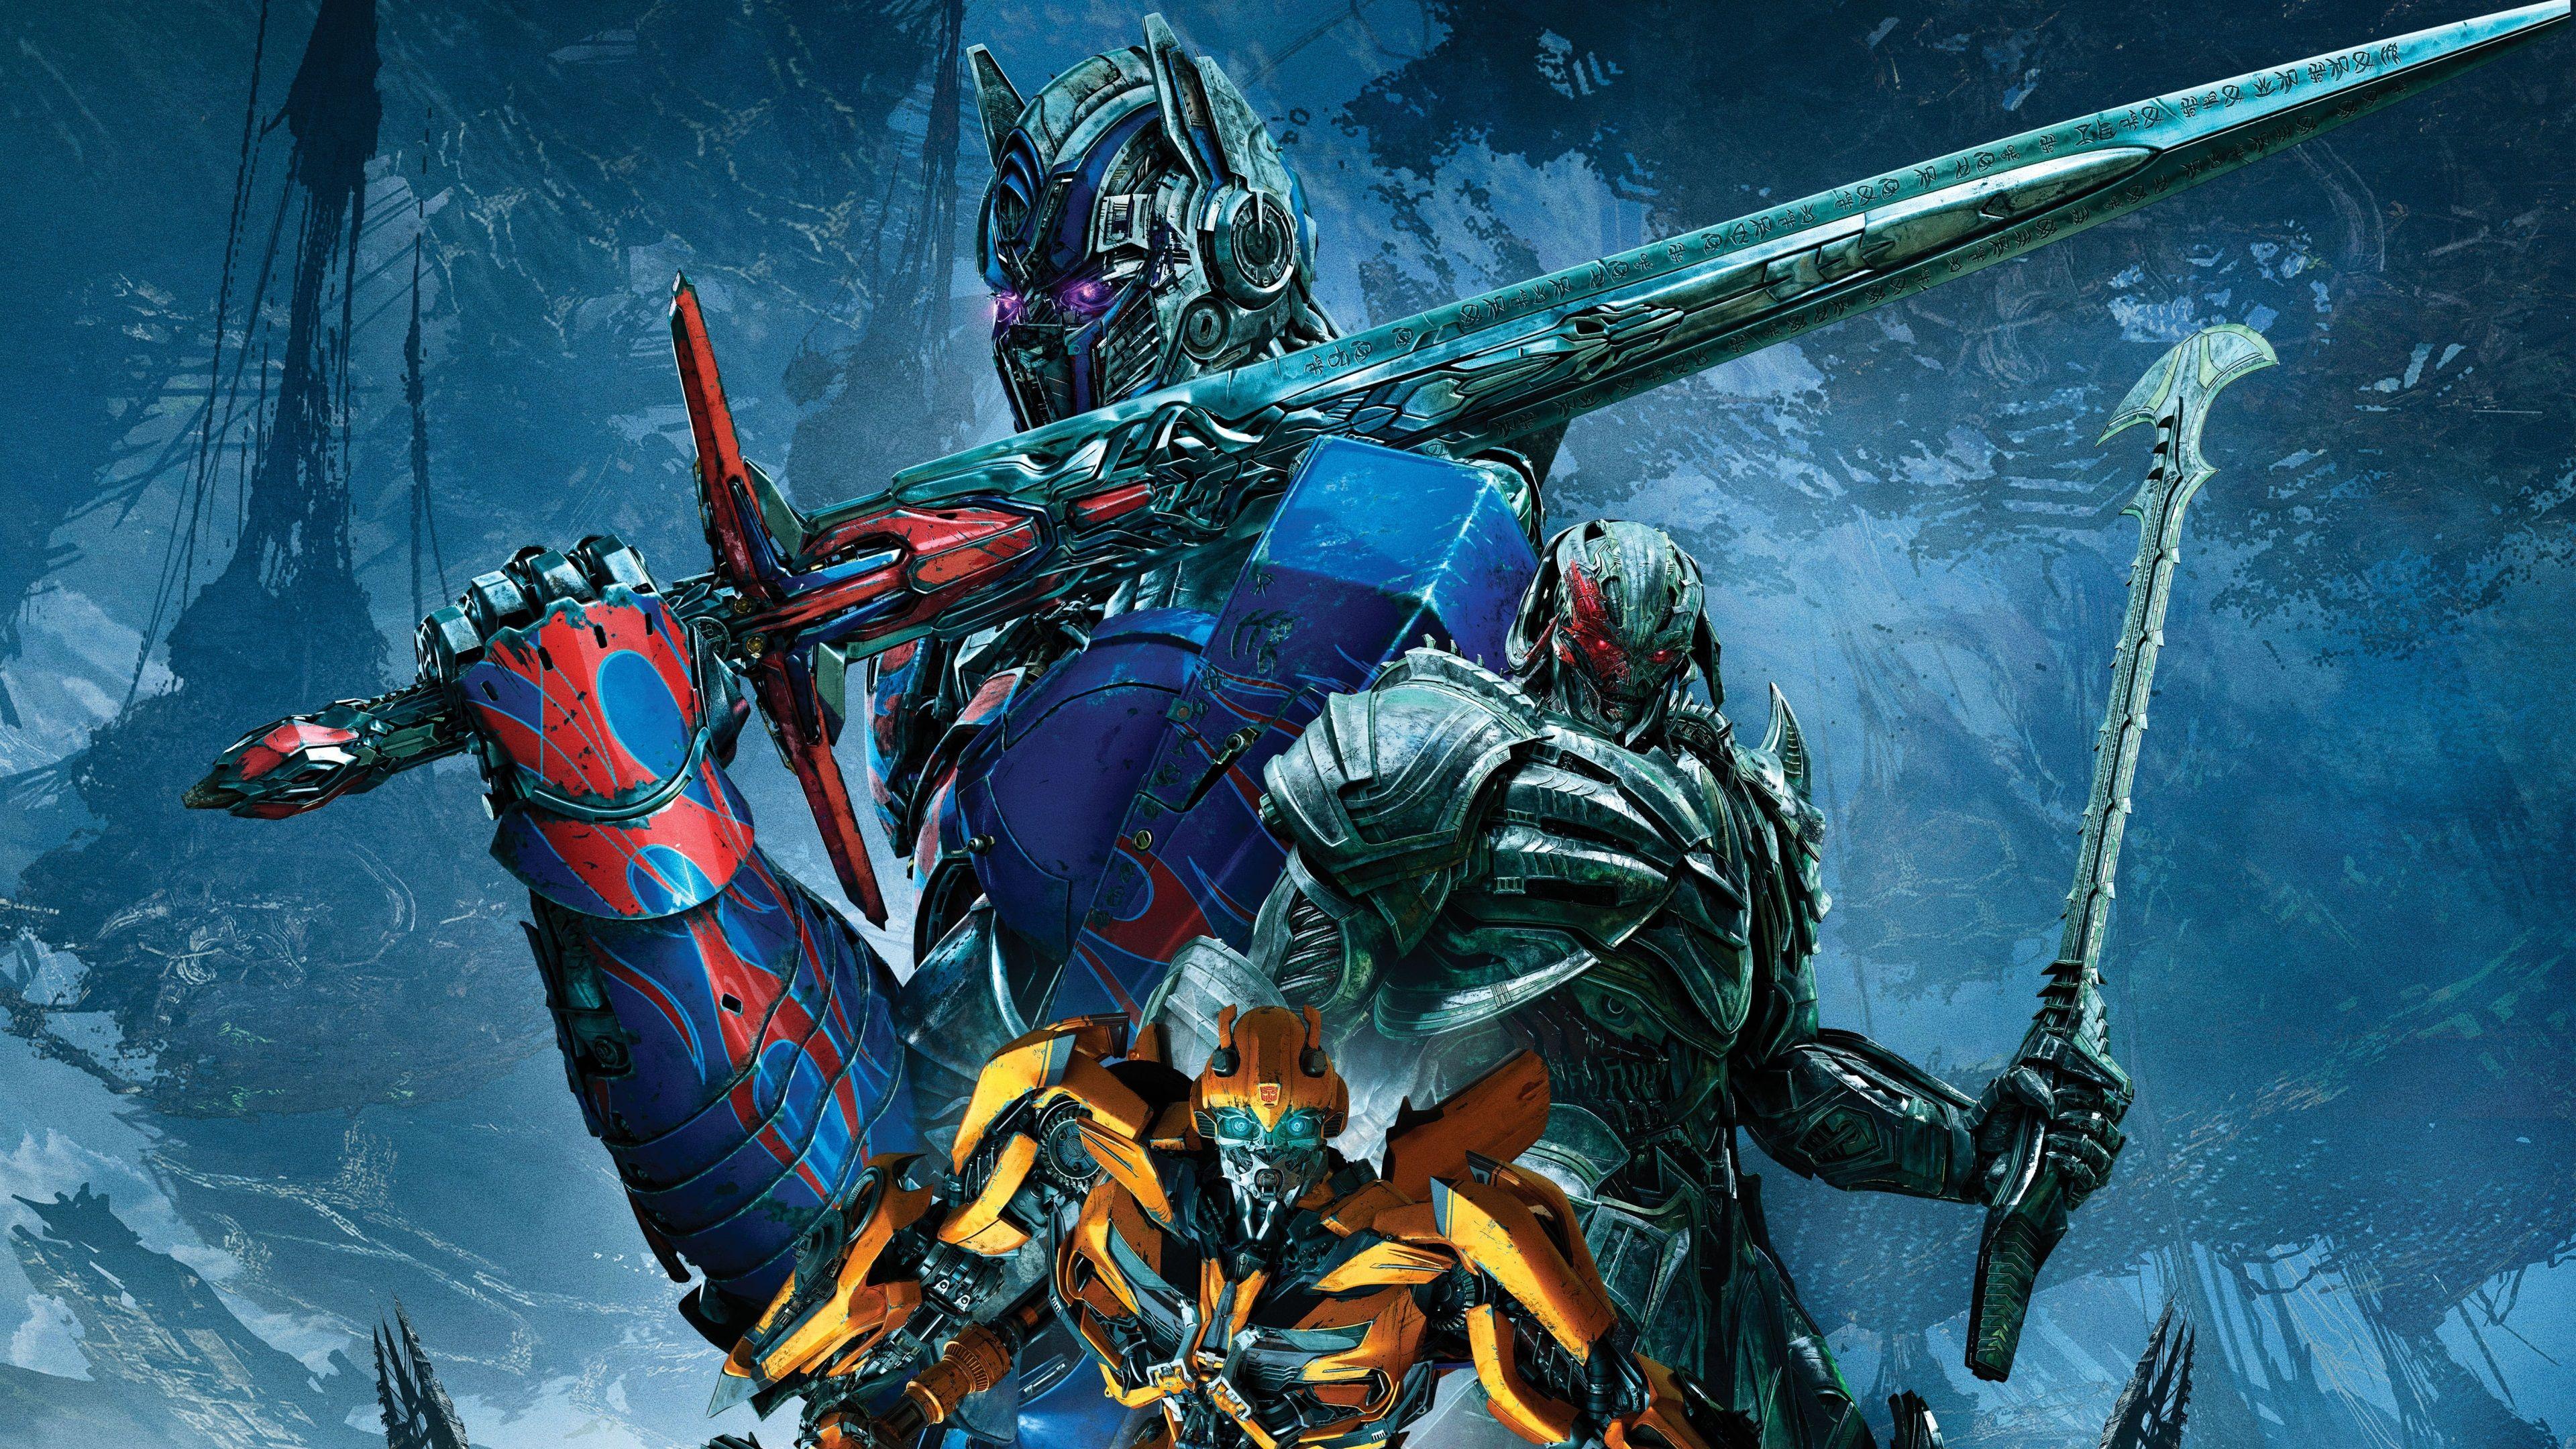 3840x2160 transformers the last knight 4k pc desktop